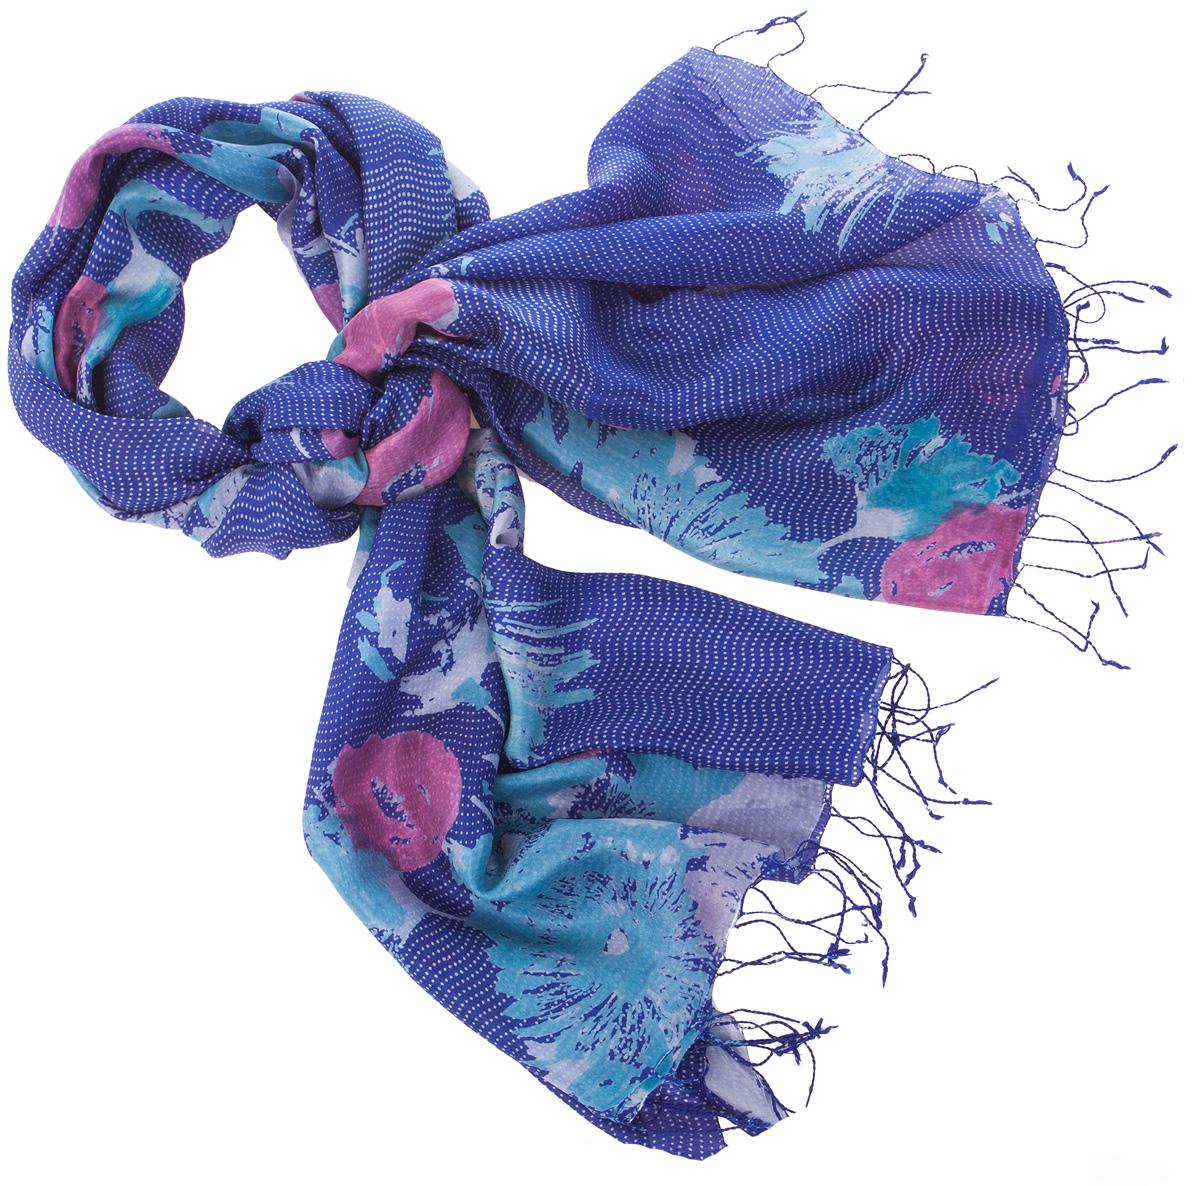 ПалантинS30-BRUSH.FLOWER/NAVYНарочито рыхлое плетение Plain тончайшей шелковой нитью Mulberry, нежная полупрозрачная ткань Chiffon. Вес изделия 60г (30 г/м2).